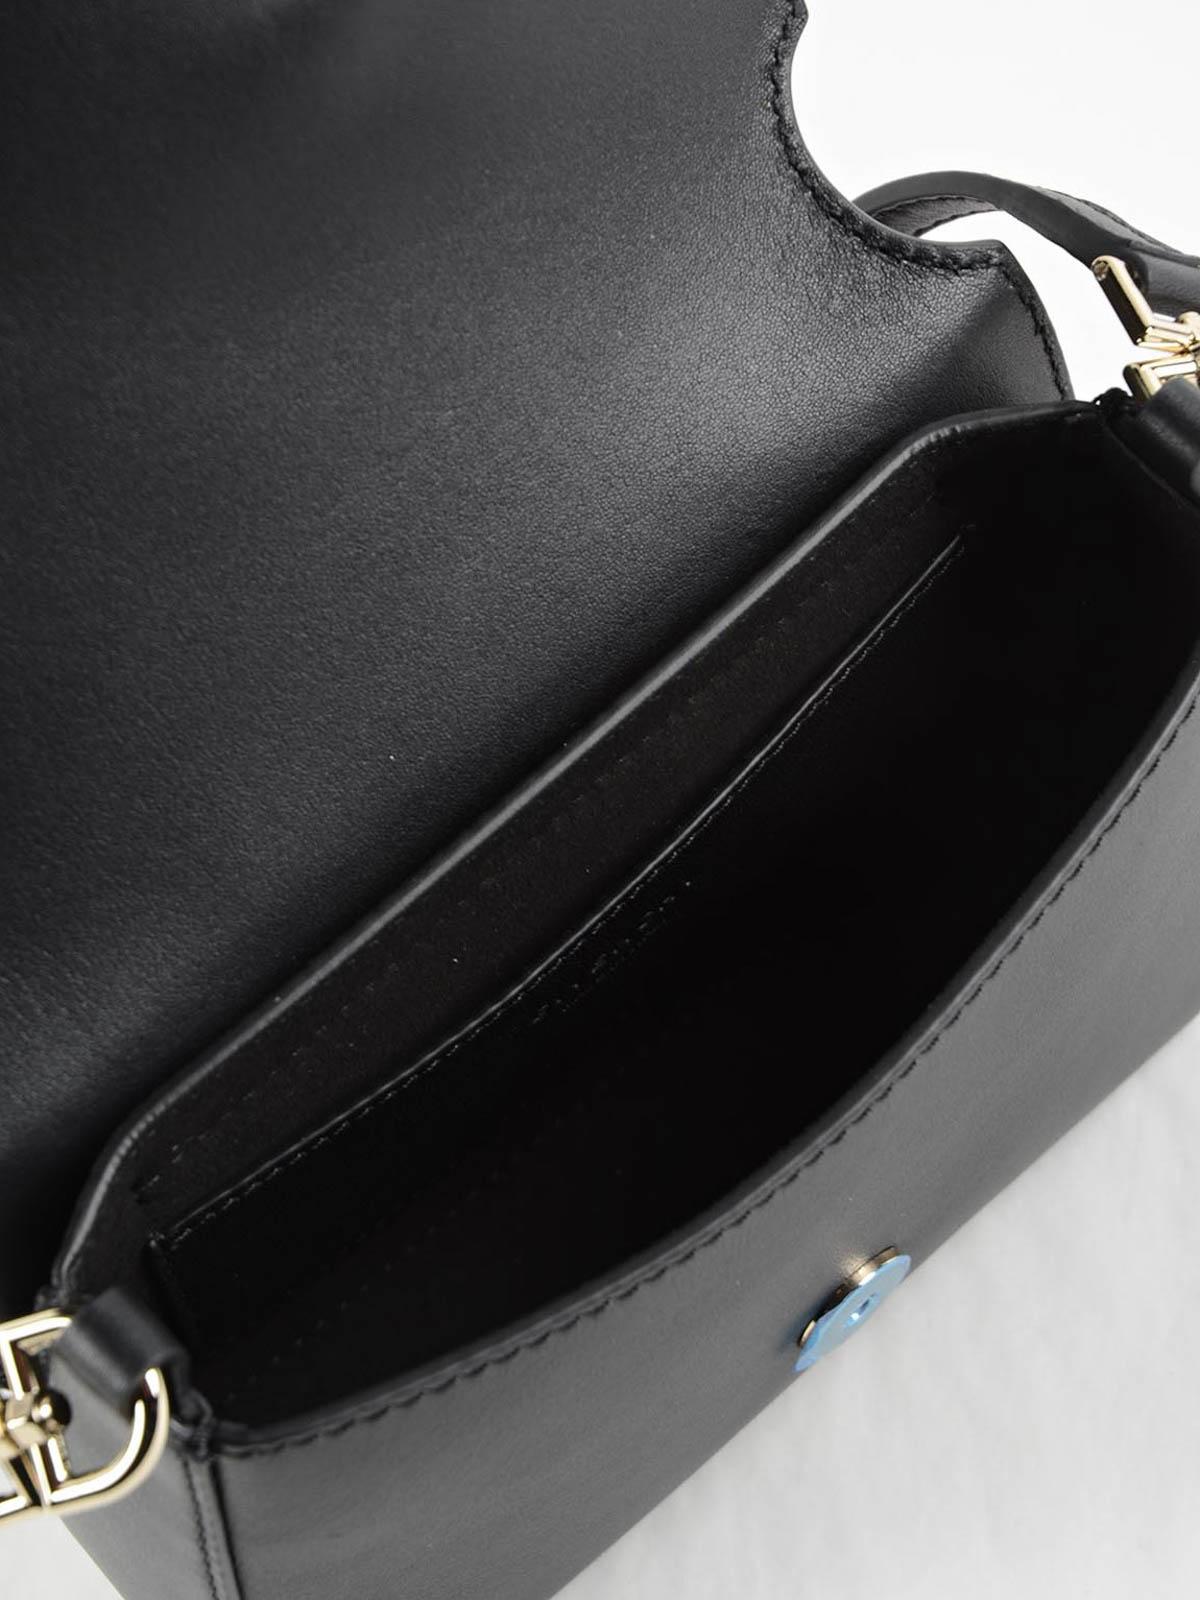 941a43d0d8 Givenchy - Nobile mini bag - shoulder bags - 5660009 001 | iKRIX.com